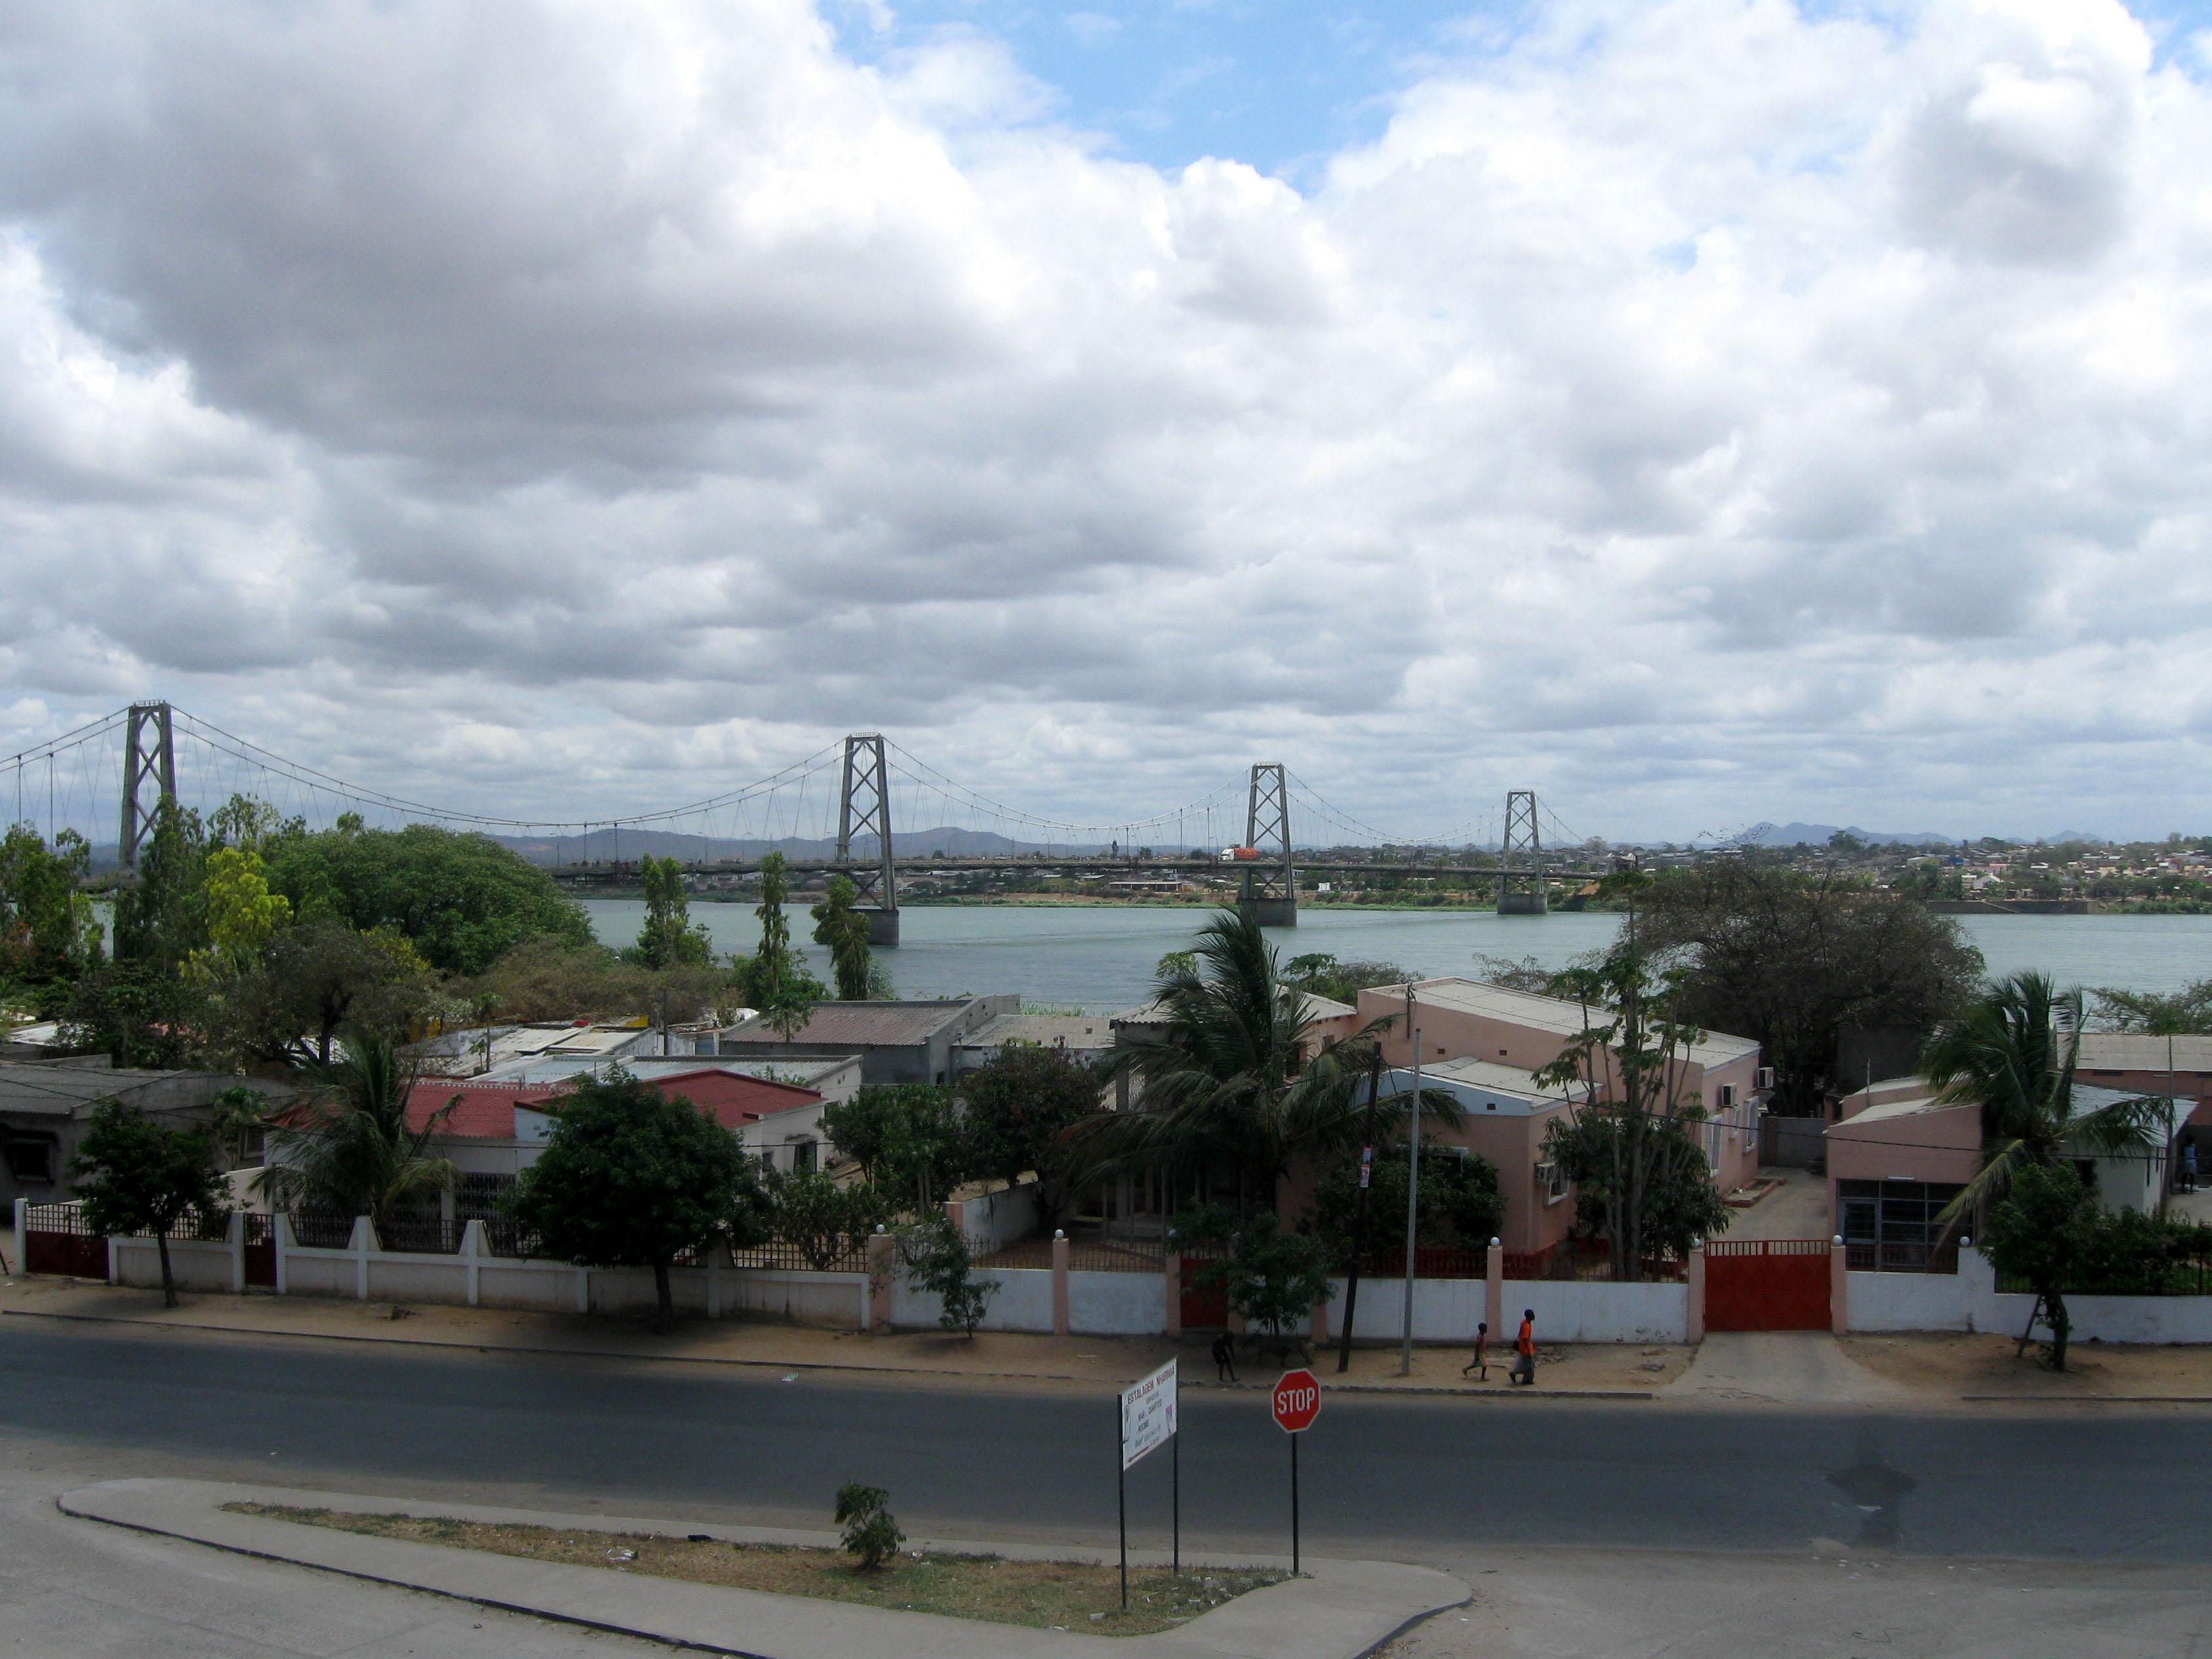 File:Bridge over the Zambezi at Tete, Mozambique.jpg ...